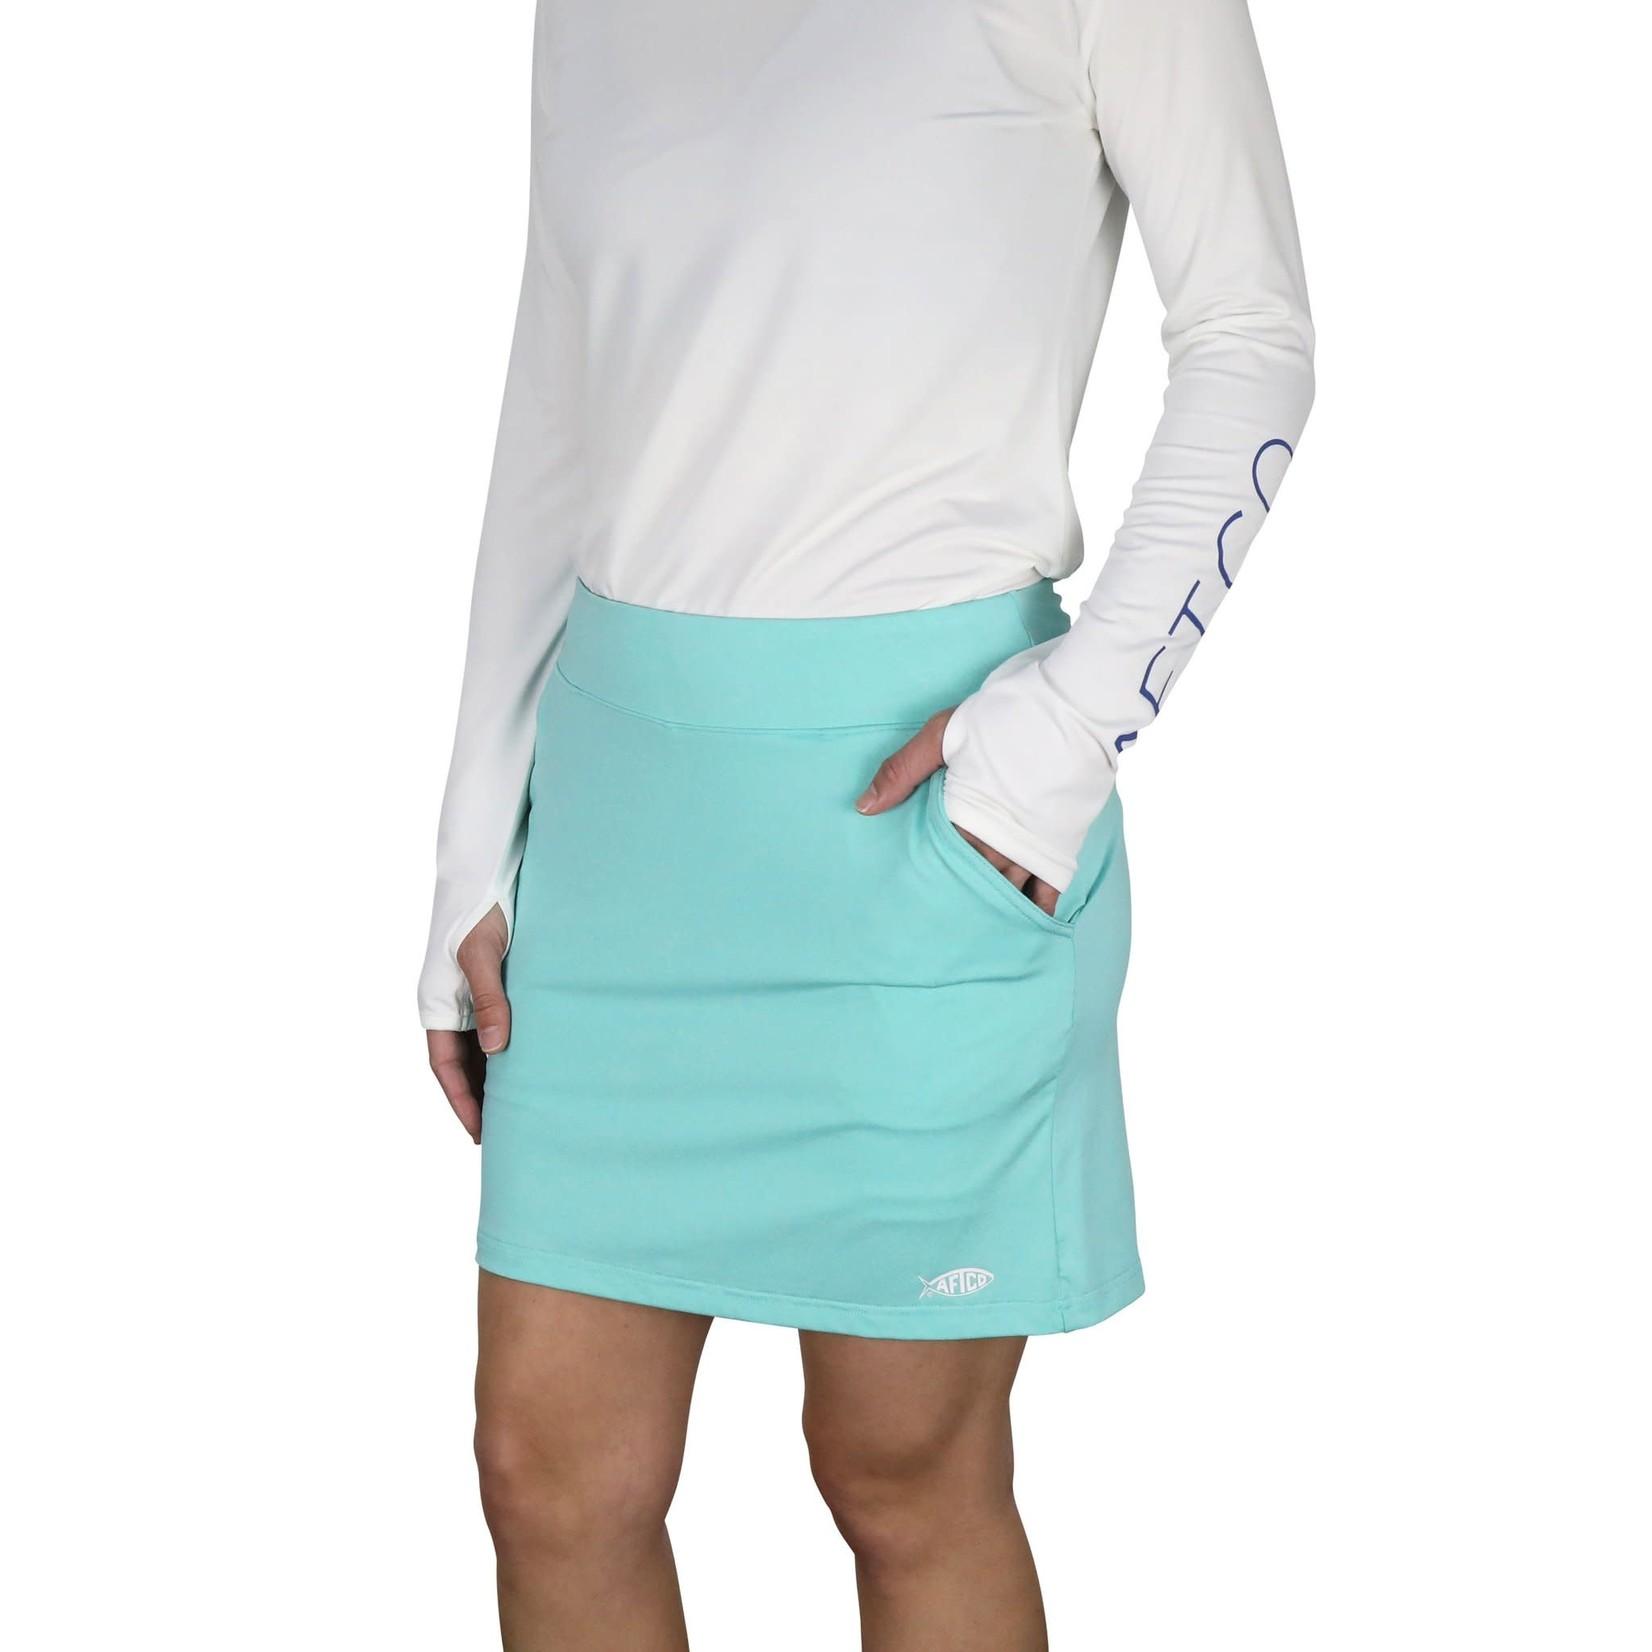 AFTCO WOMEN'S FANTAIL SKORT - Mint Heather